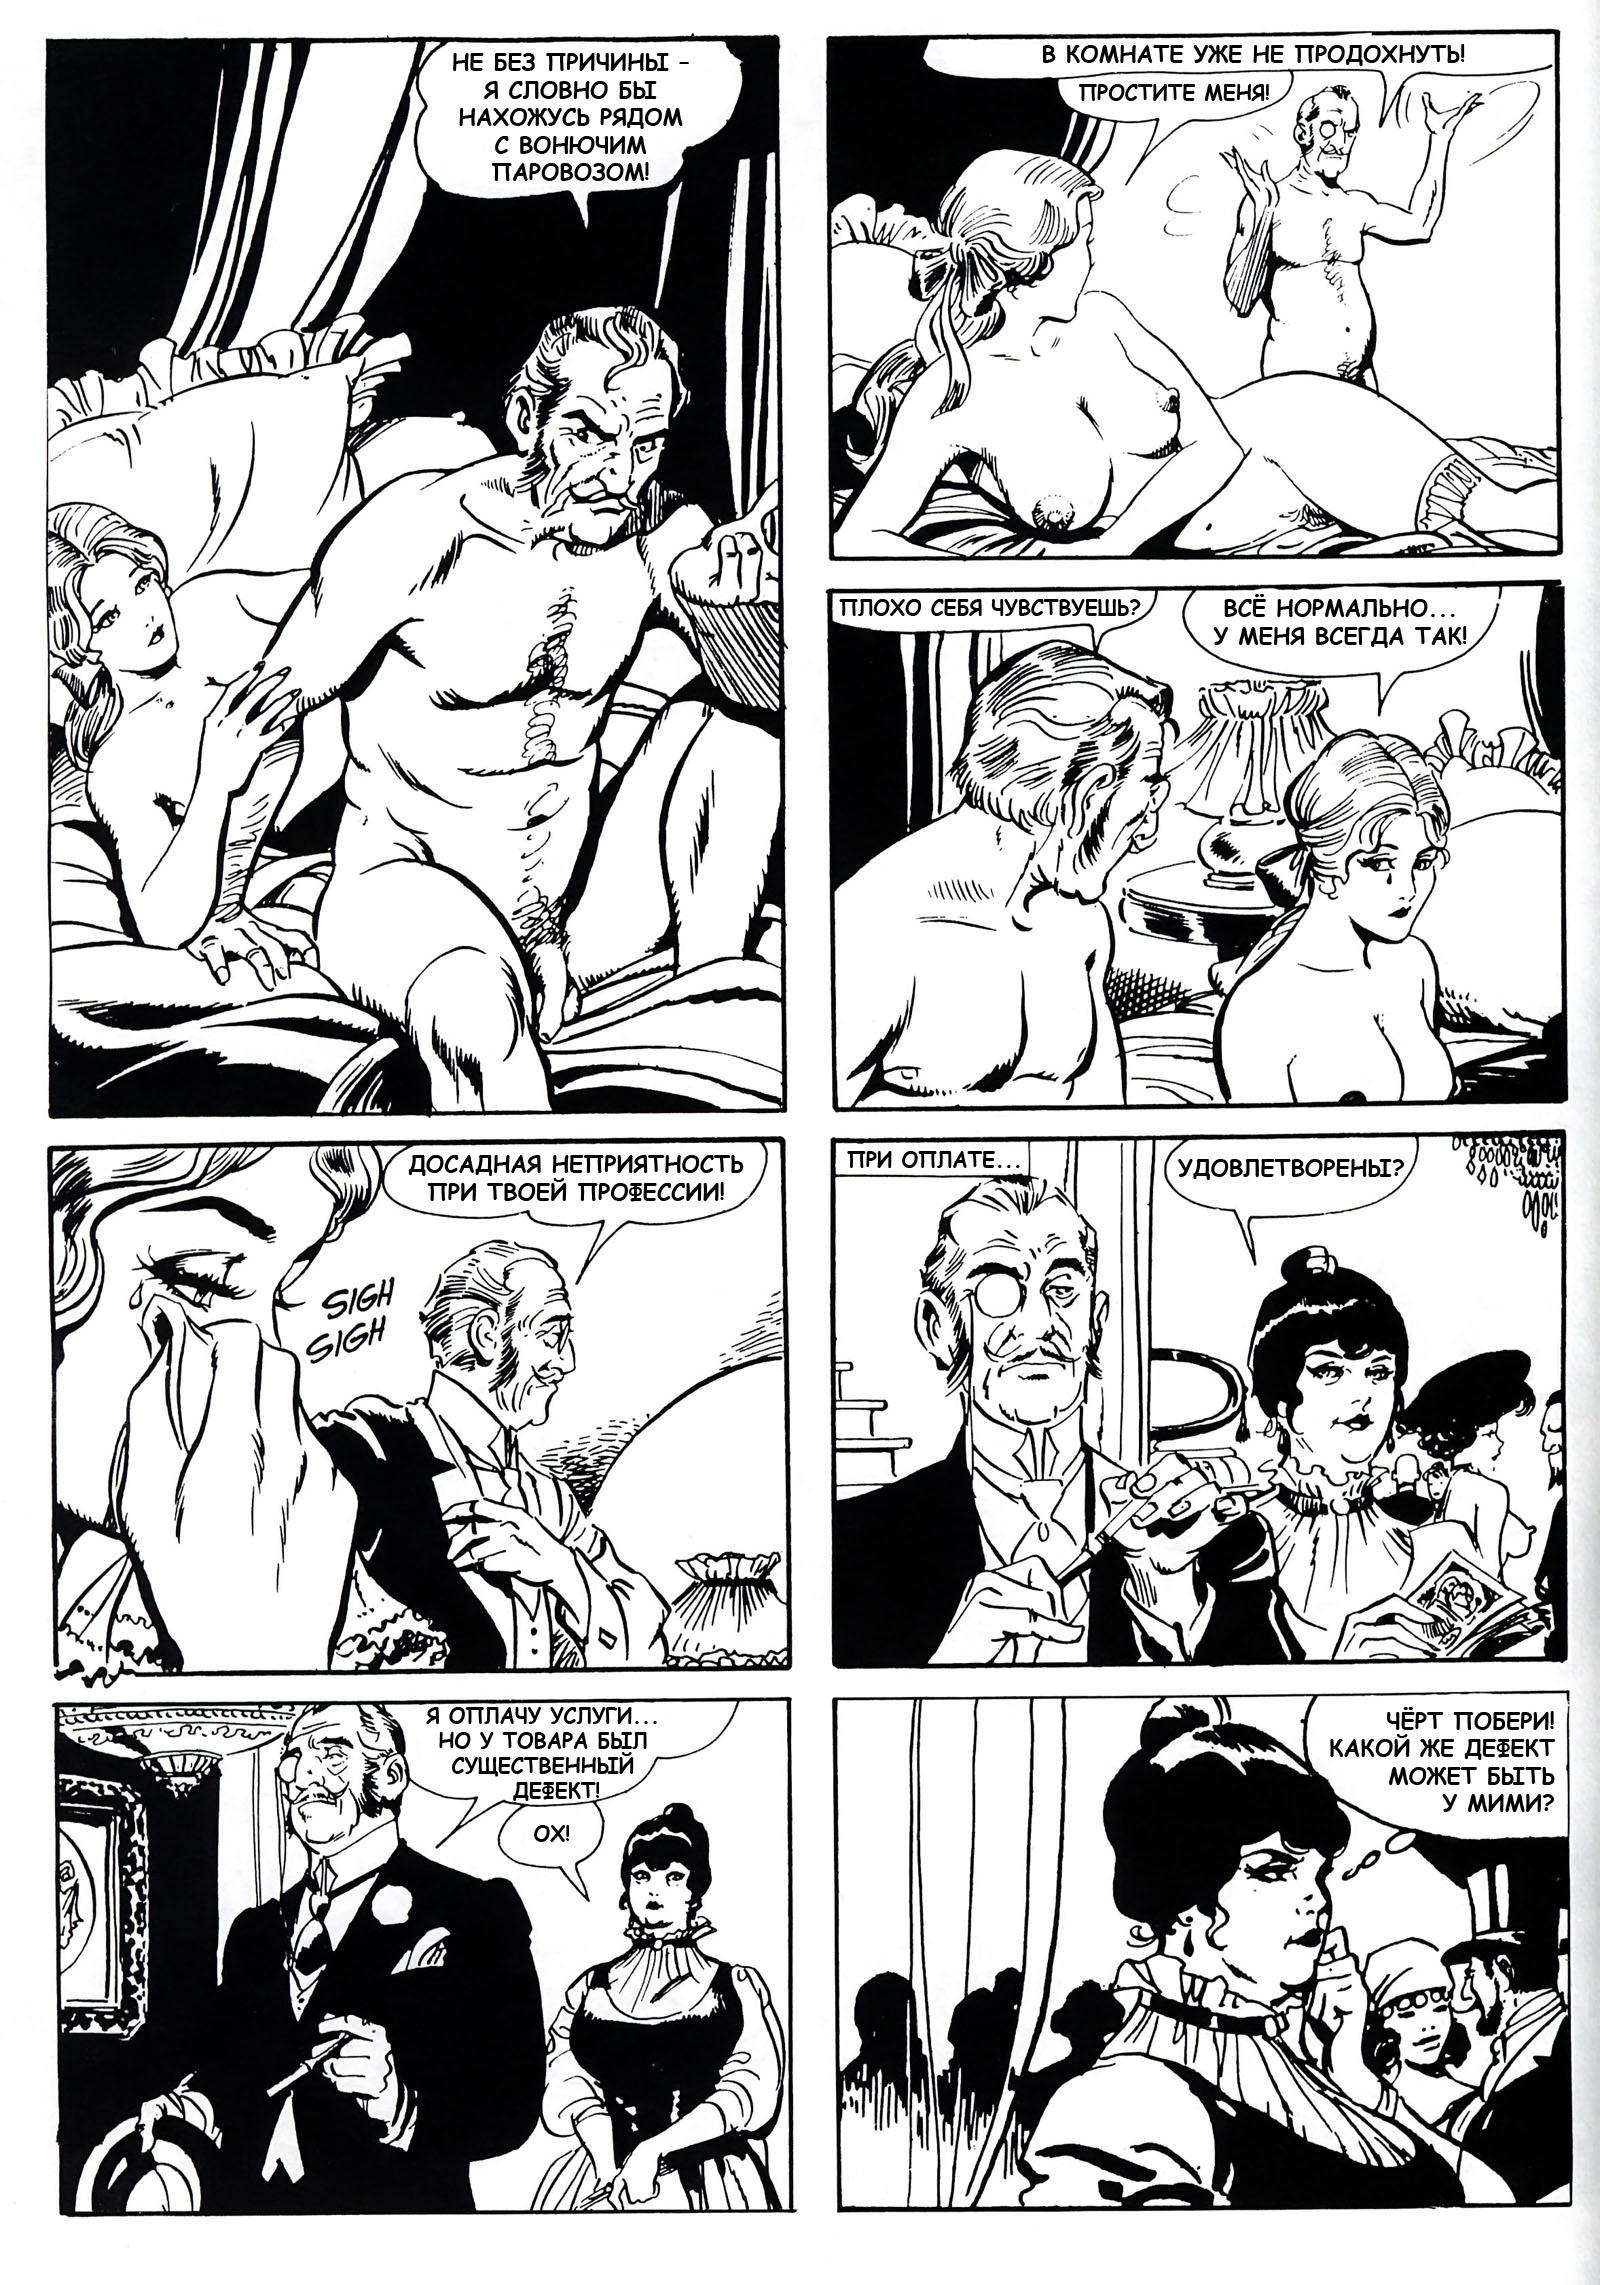 проститутку бордель порно онлайн